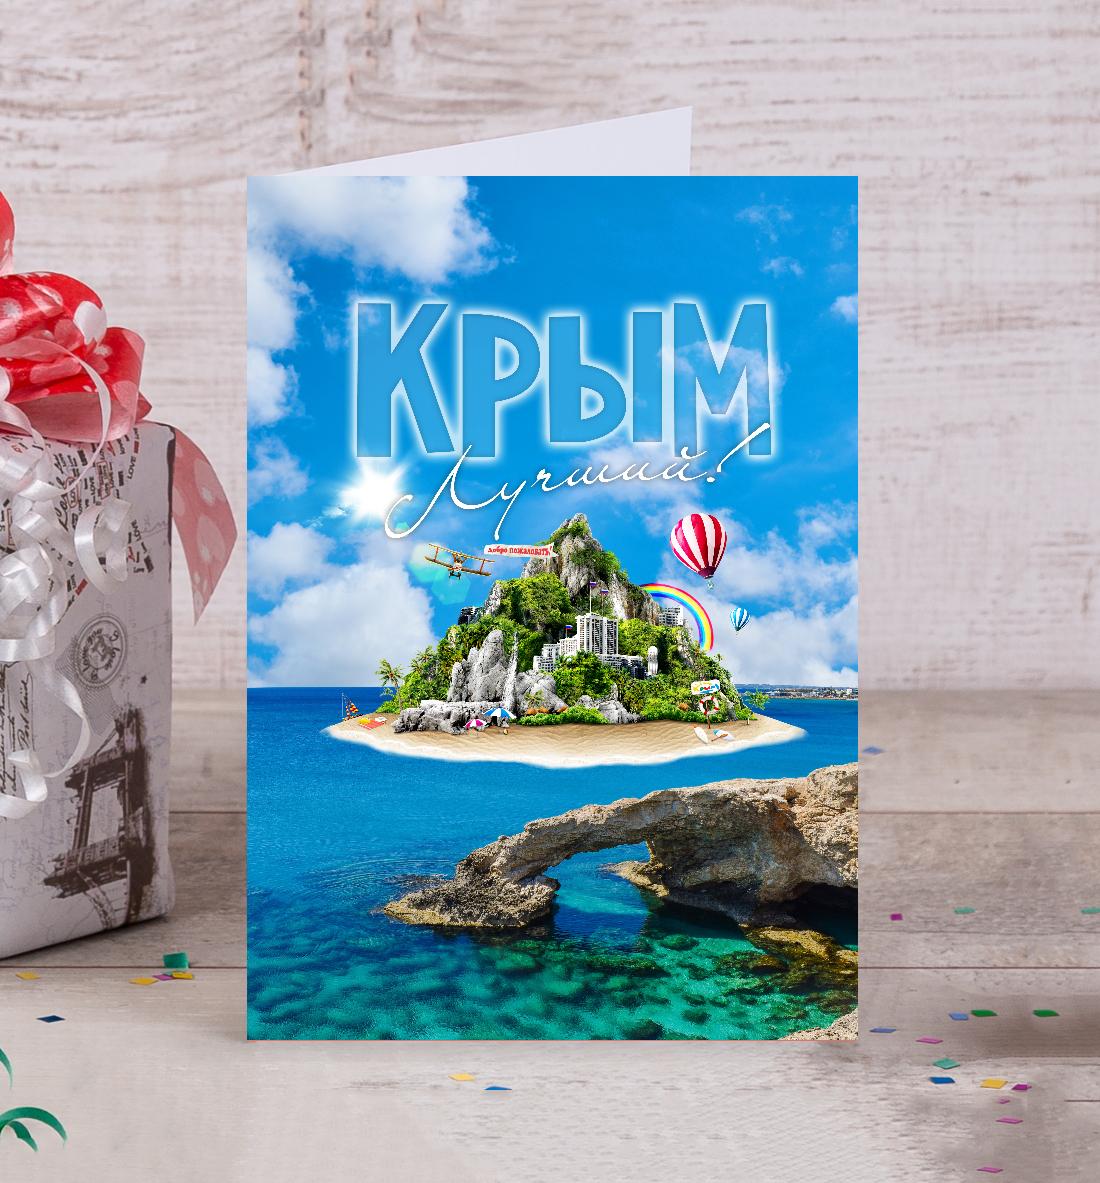 скрытности, открытки крым магазин настоящего джигита